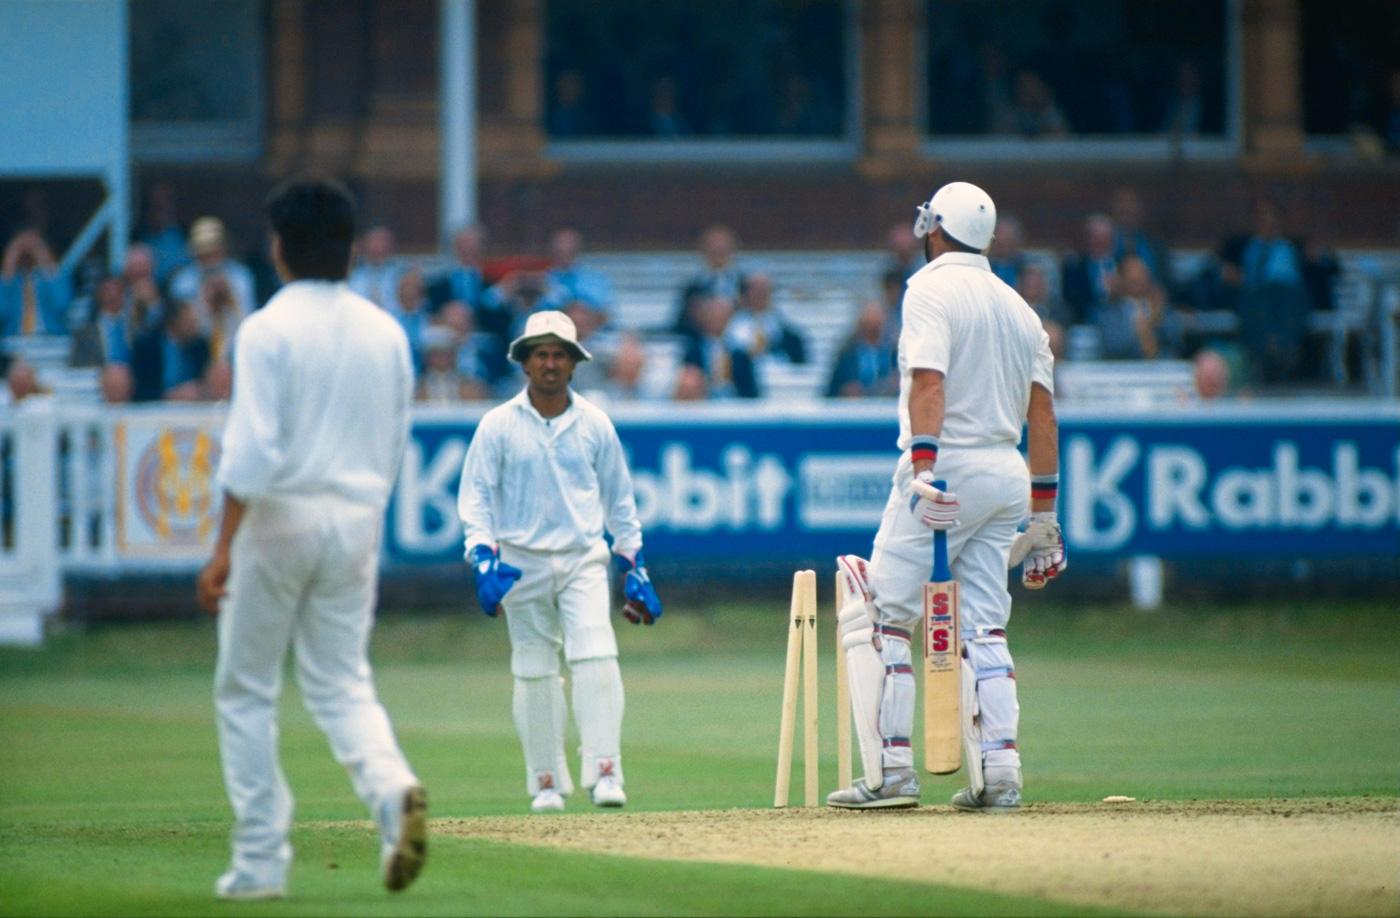 Kiran More's spill made Graham Gooch richer by 297 runs